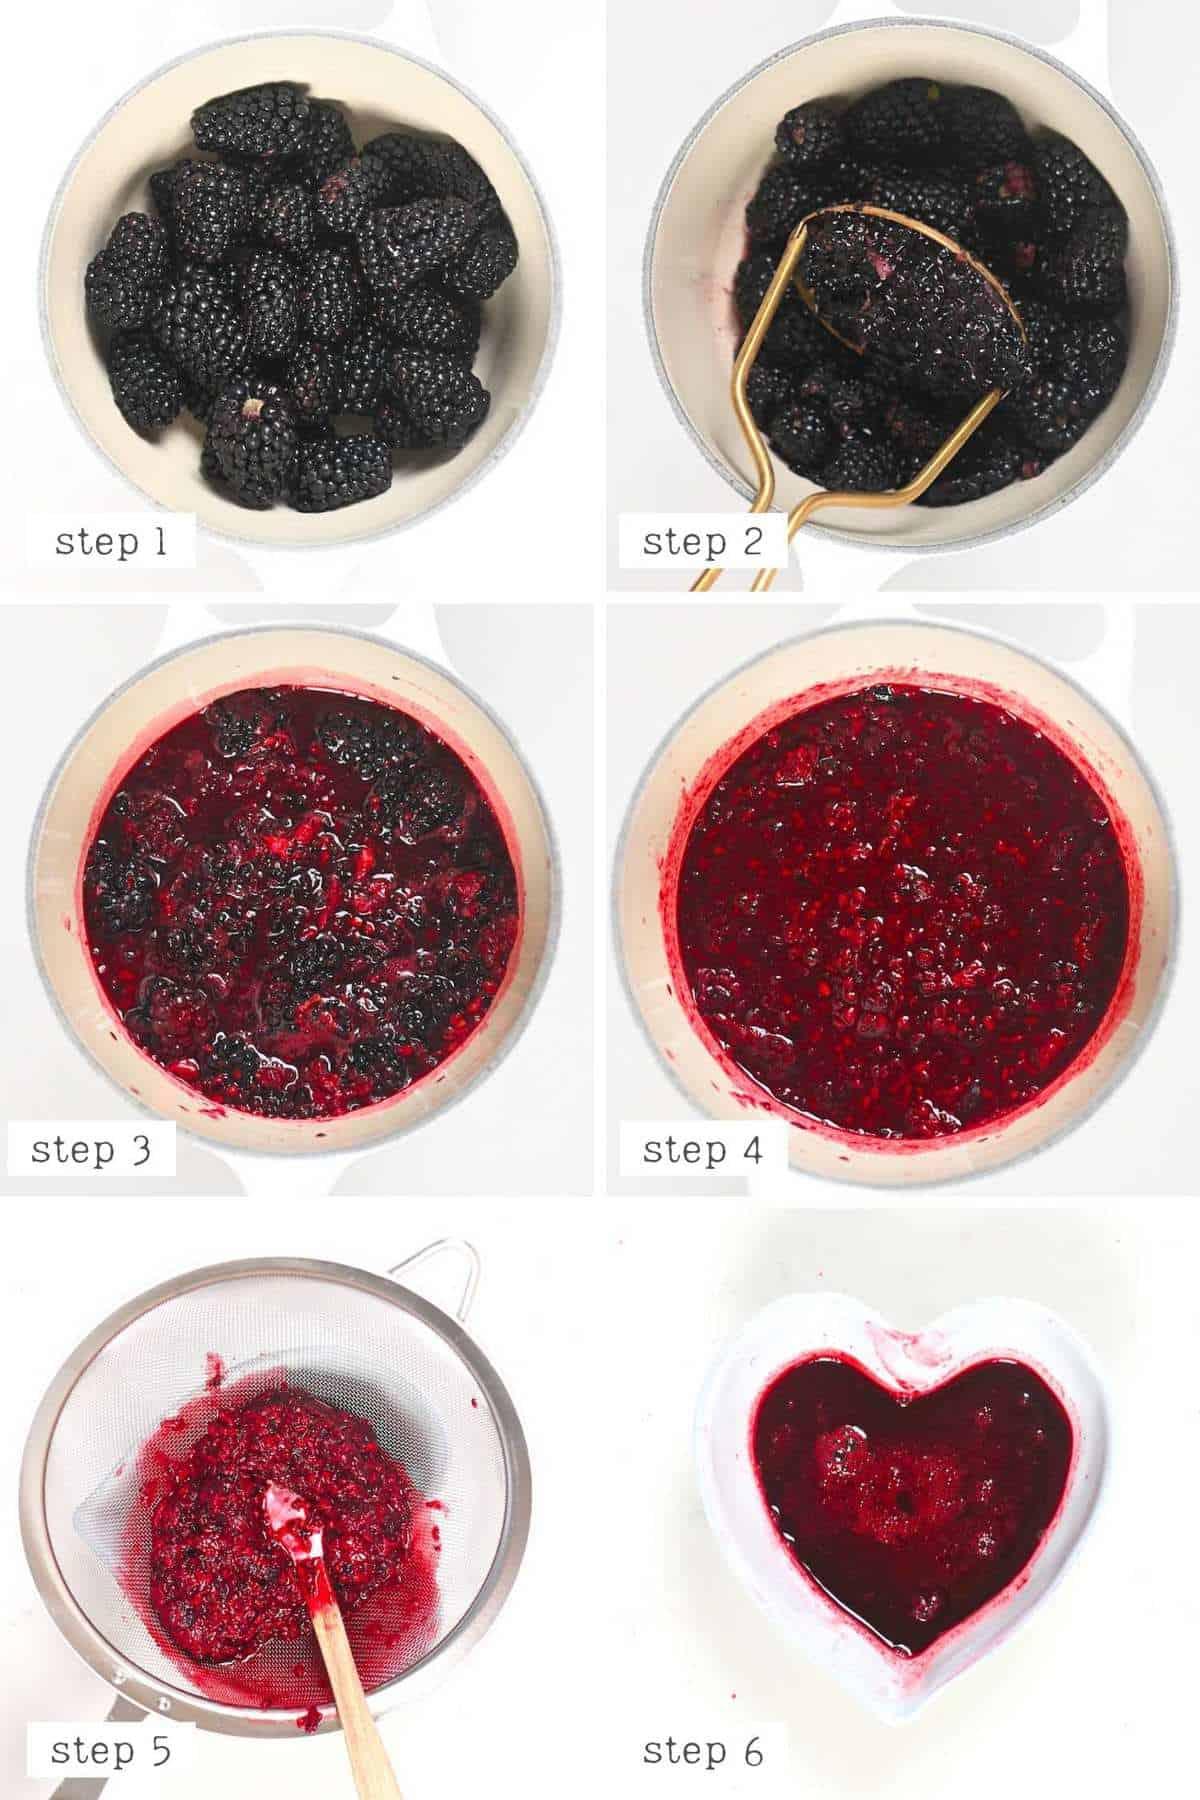 Steps to make Blackberry salad dressing